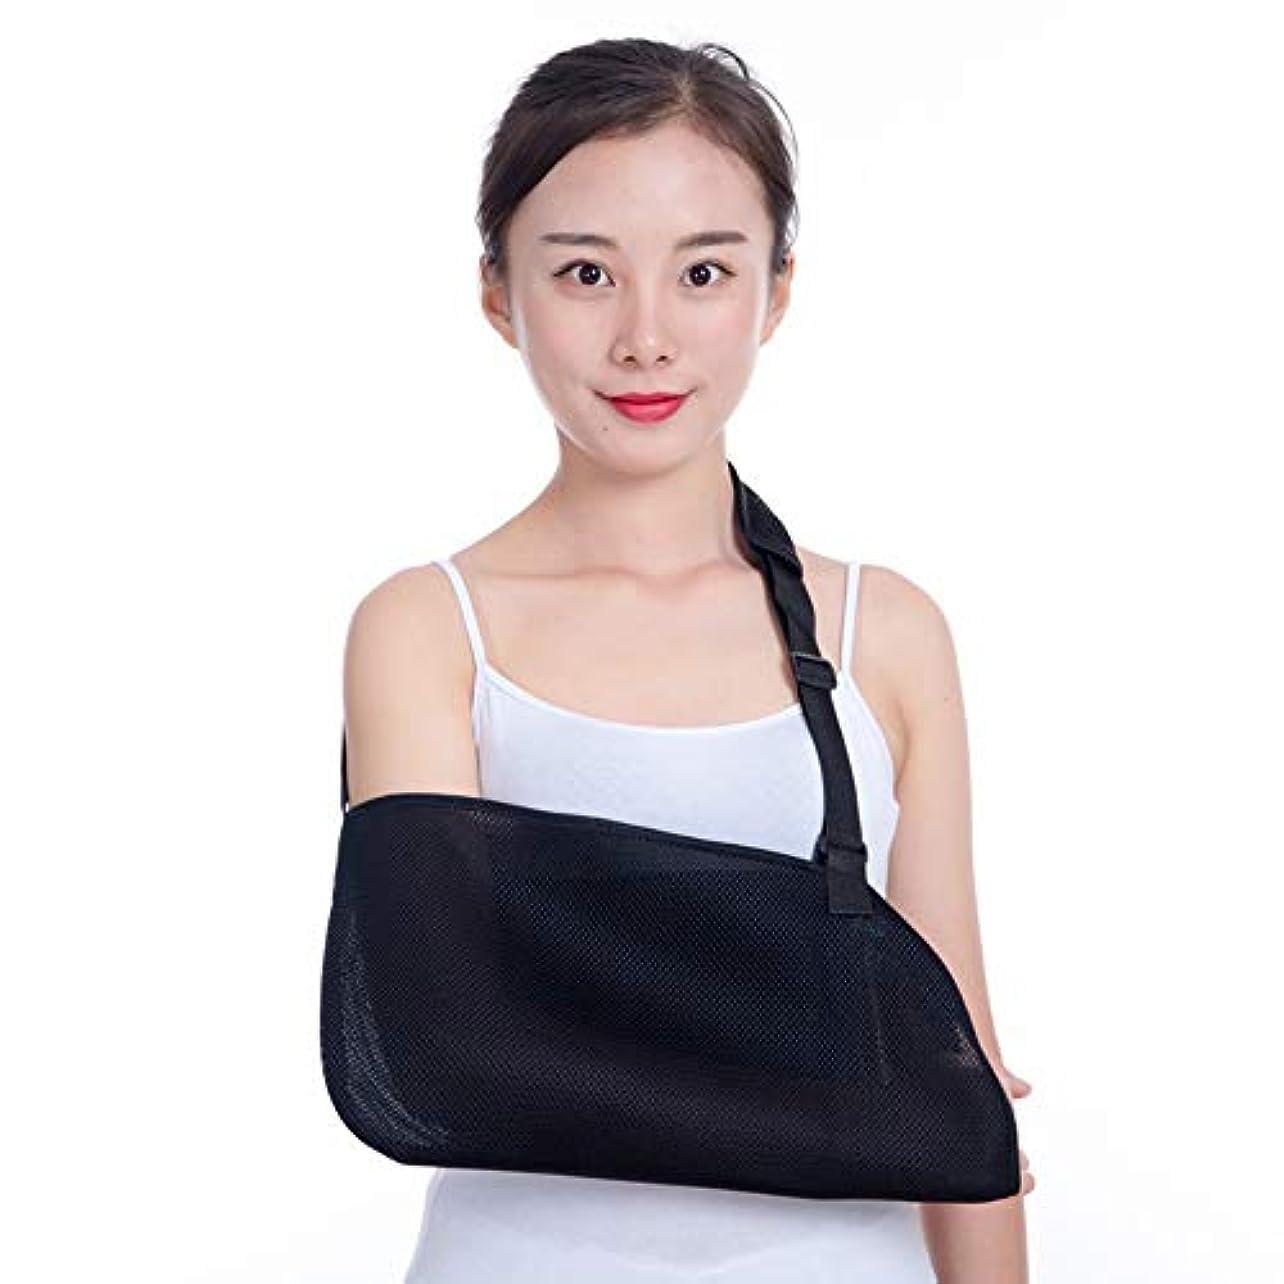 シルエットコットンテナント壊れた手首の肘固定用の成人用通気性メッシュ調節可能な前腕回旋腱板サポート軽量快適のためのアームスリングブレース,Black